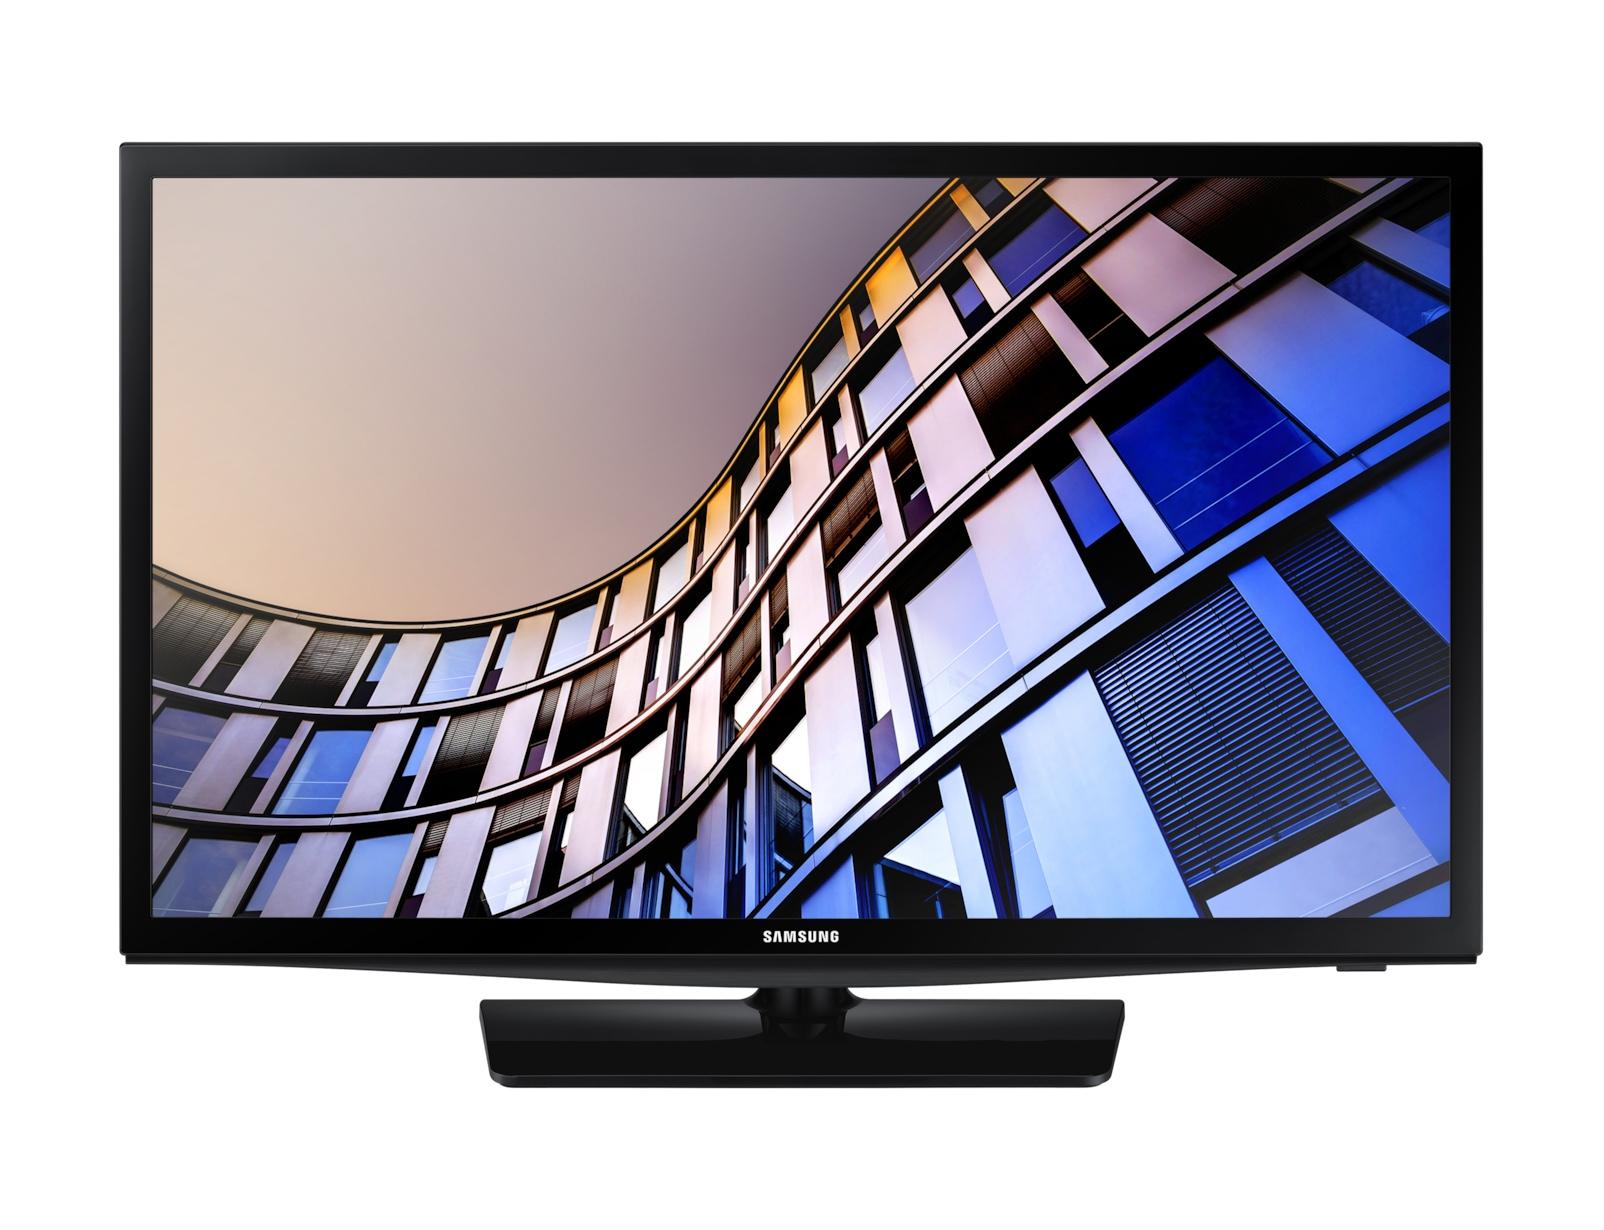 """Samsung Dimensioni schermo: 71,1 cm (28"""") - Ue28n4300auxzt"""